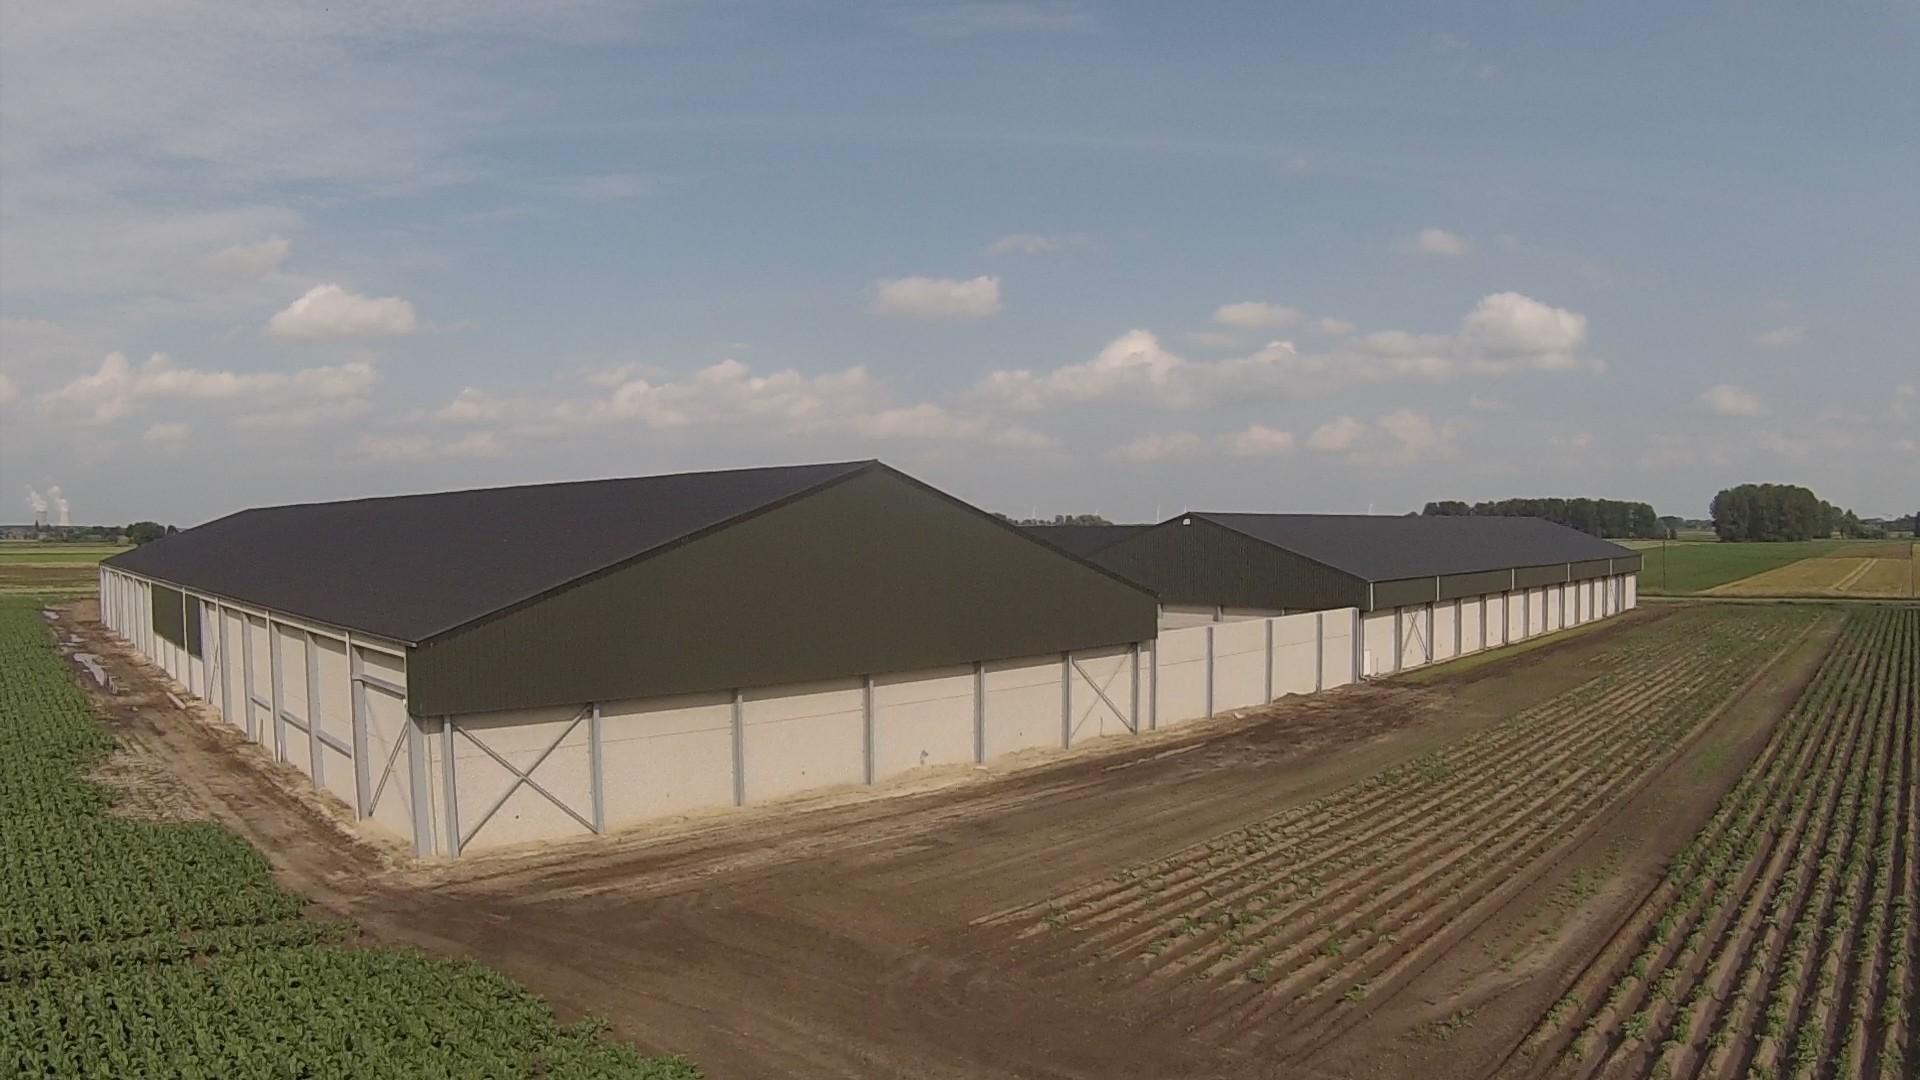 Thielman bvba_aardappelloods_aardappelopslagloods_Hangar pommes de terre_Meerdonk (7).jpg